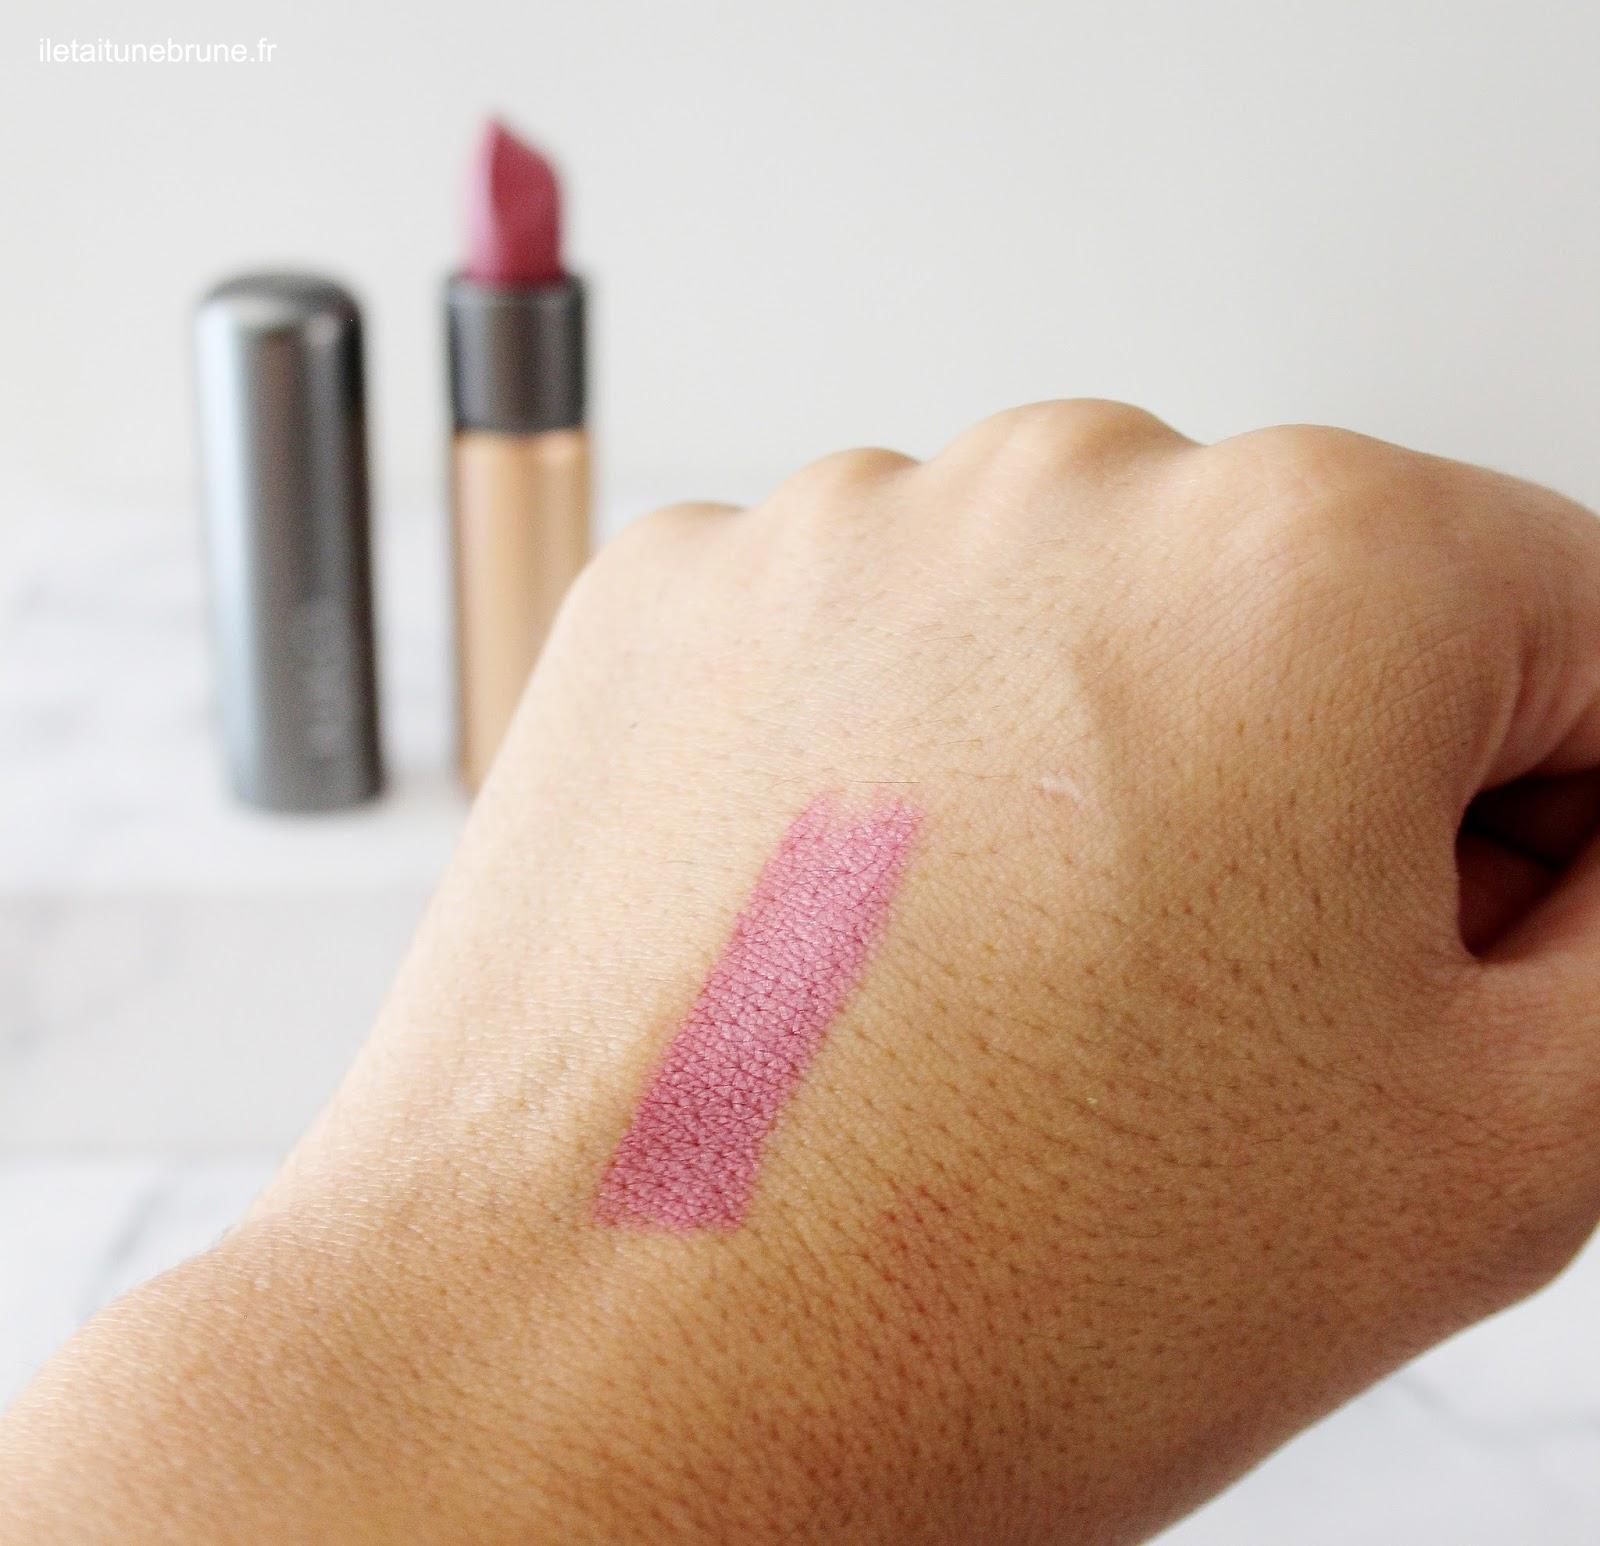 swatch du velvet passion matte lipstick mauve